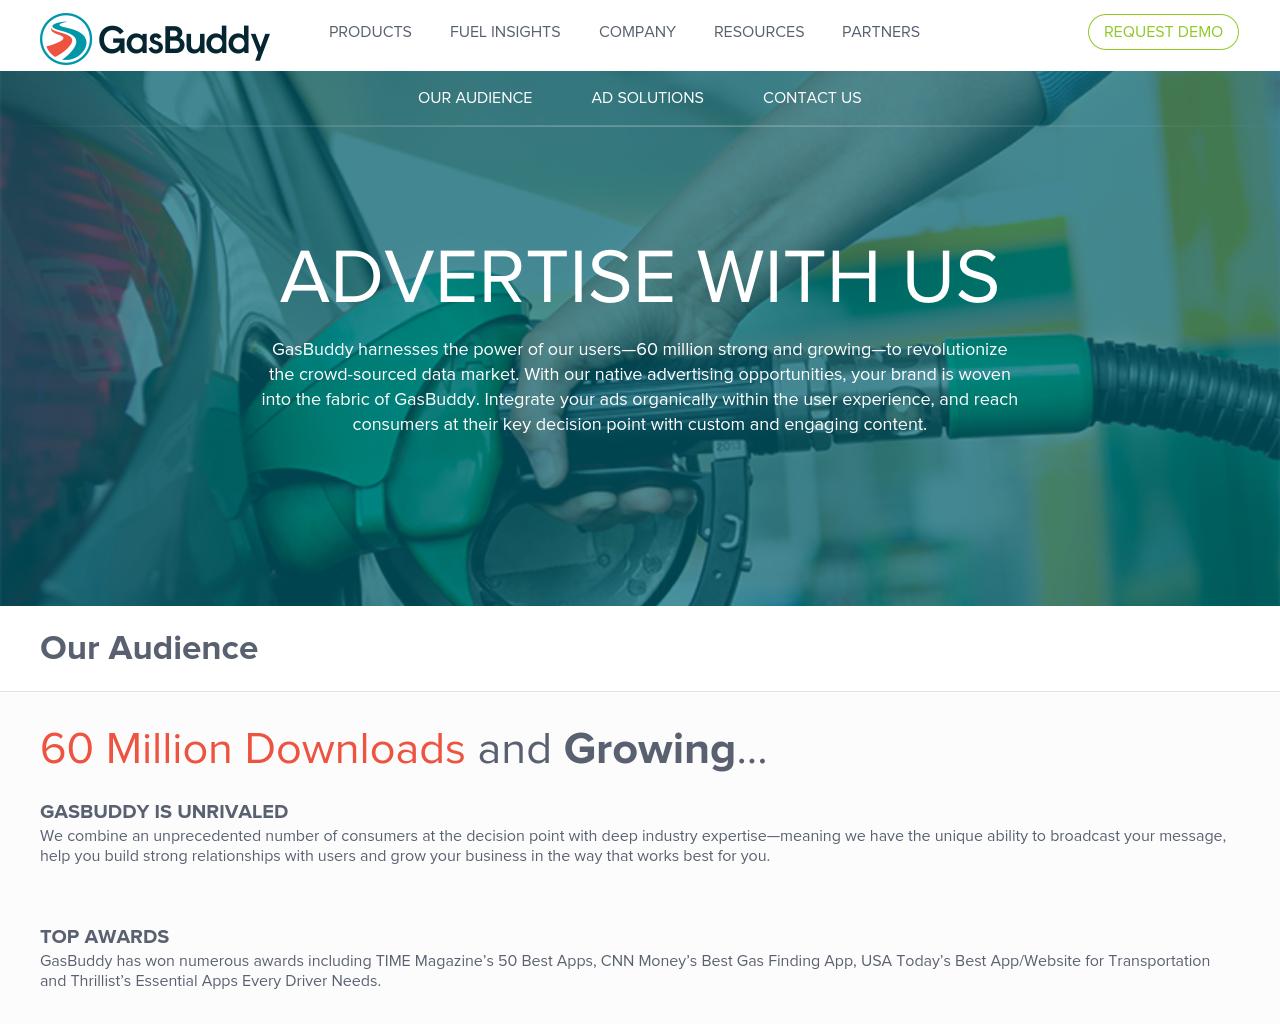 Colorado-GasBuddy-Advertising-Reviews-Pricing